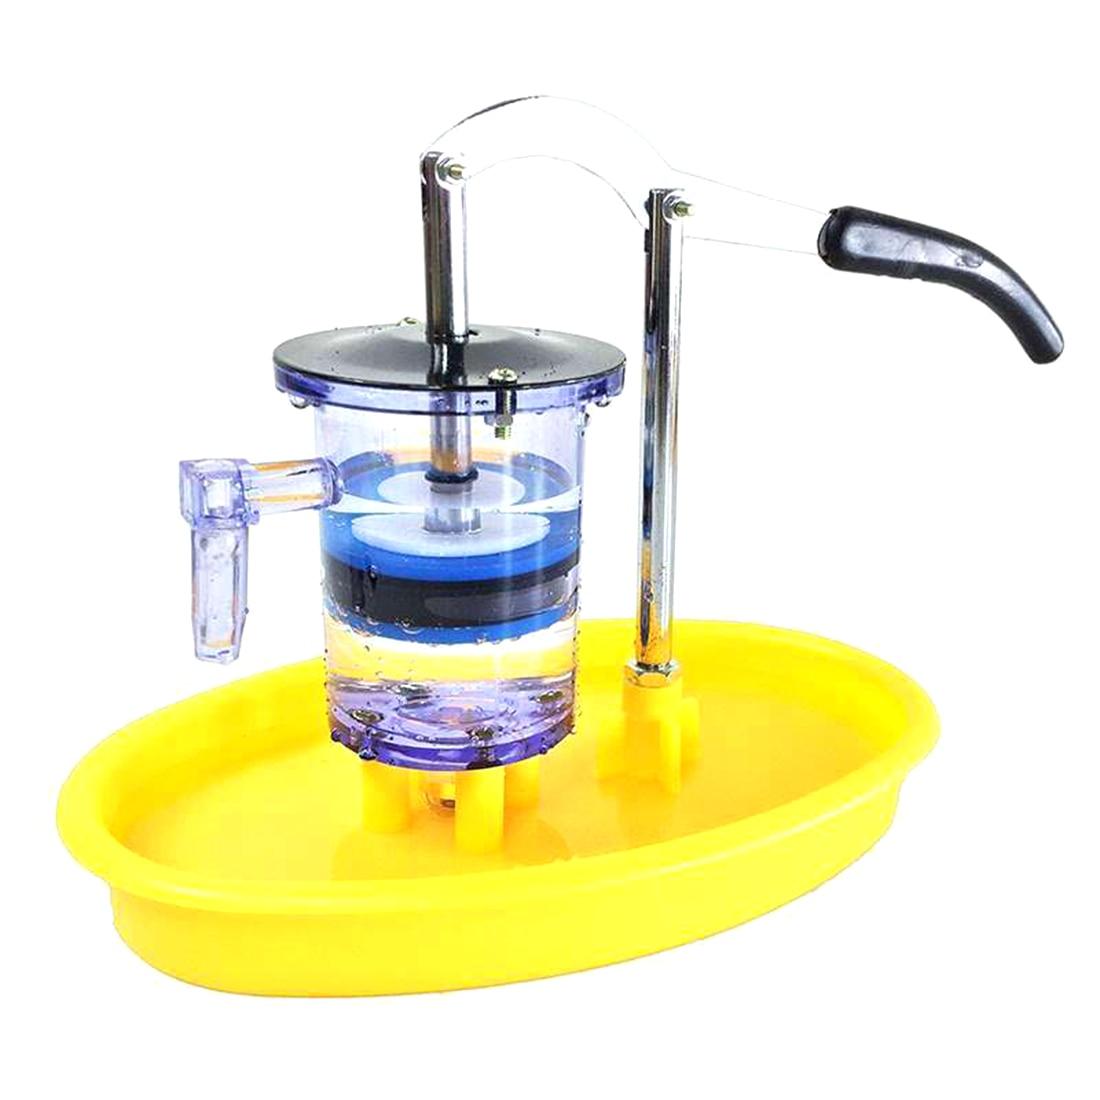 Pompe à eau de type Piston modèle de pompe à eau modèle de mécanique physique de puits de pression de l'eau appareil d'enseignement de jouet